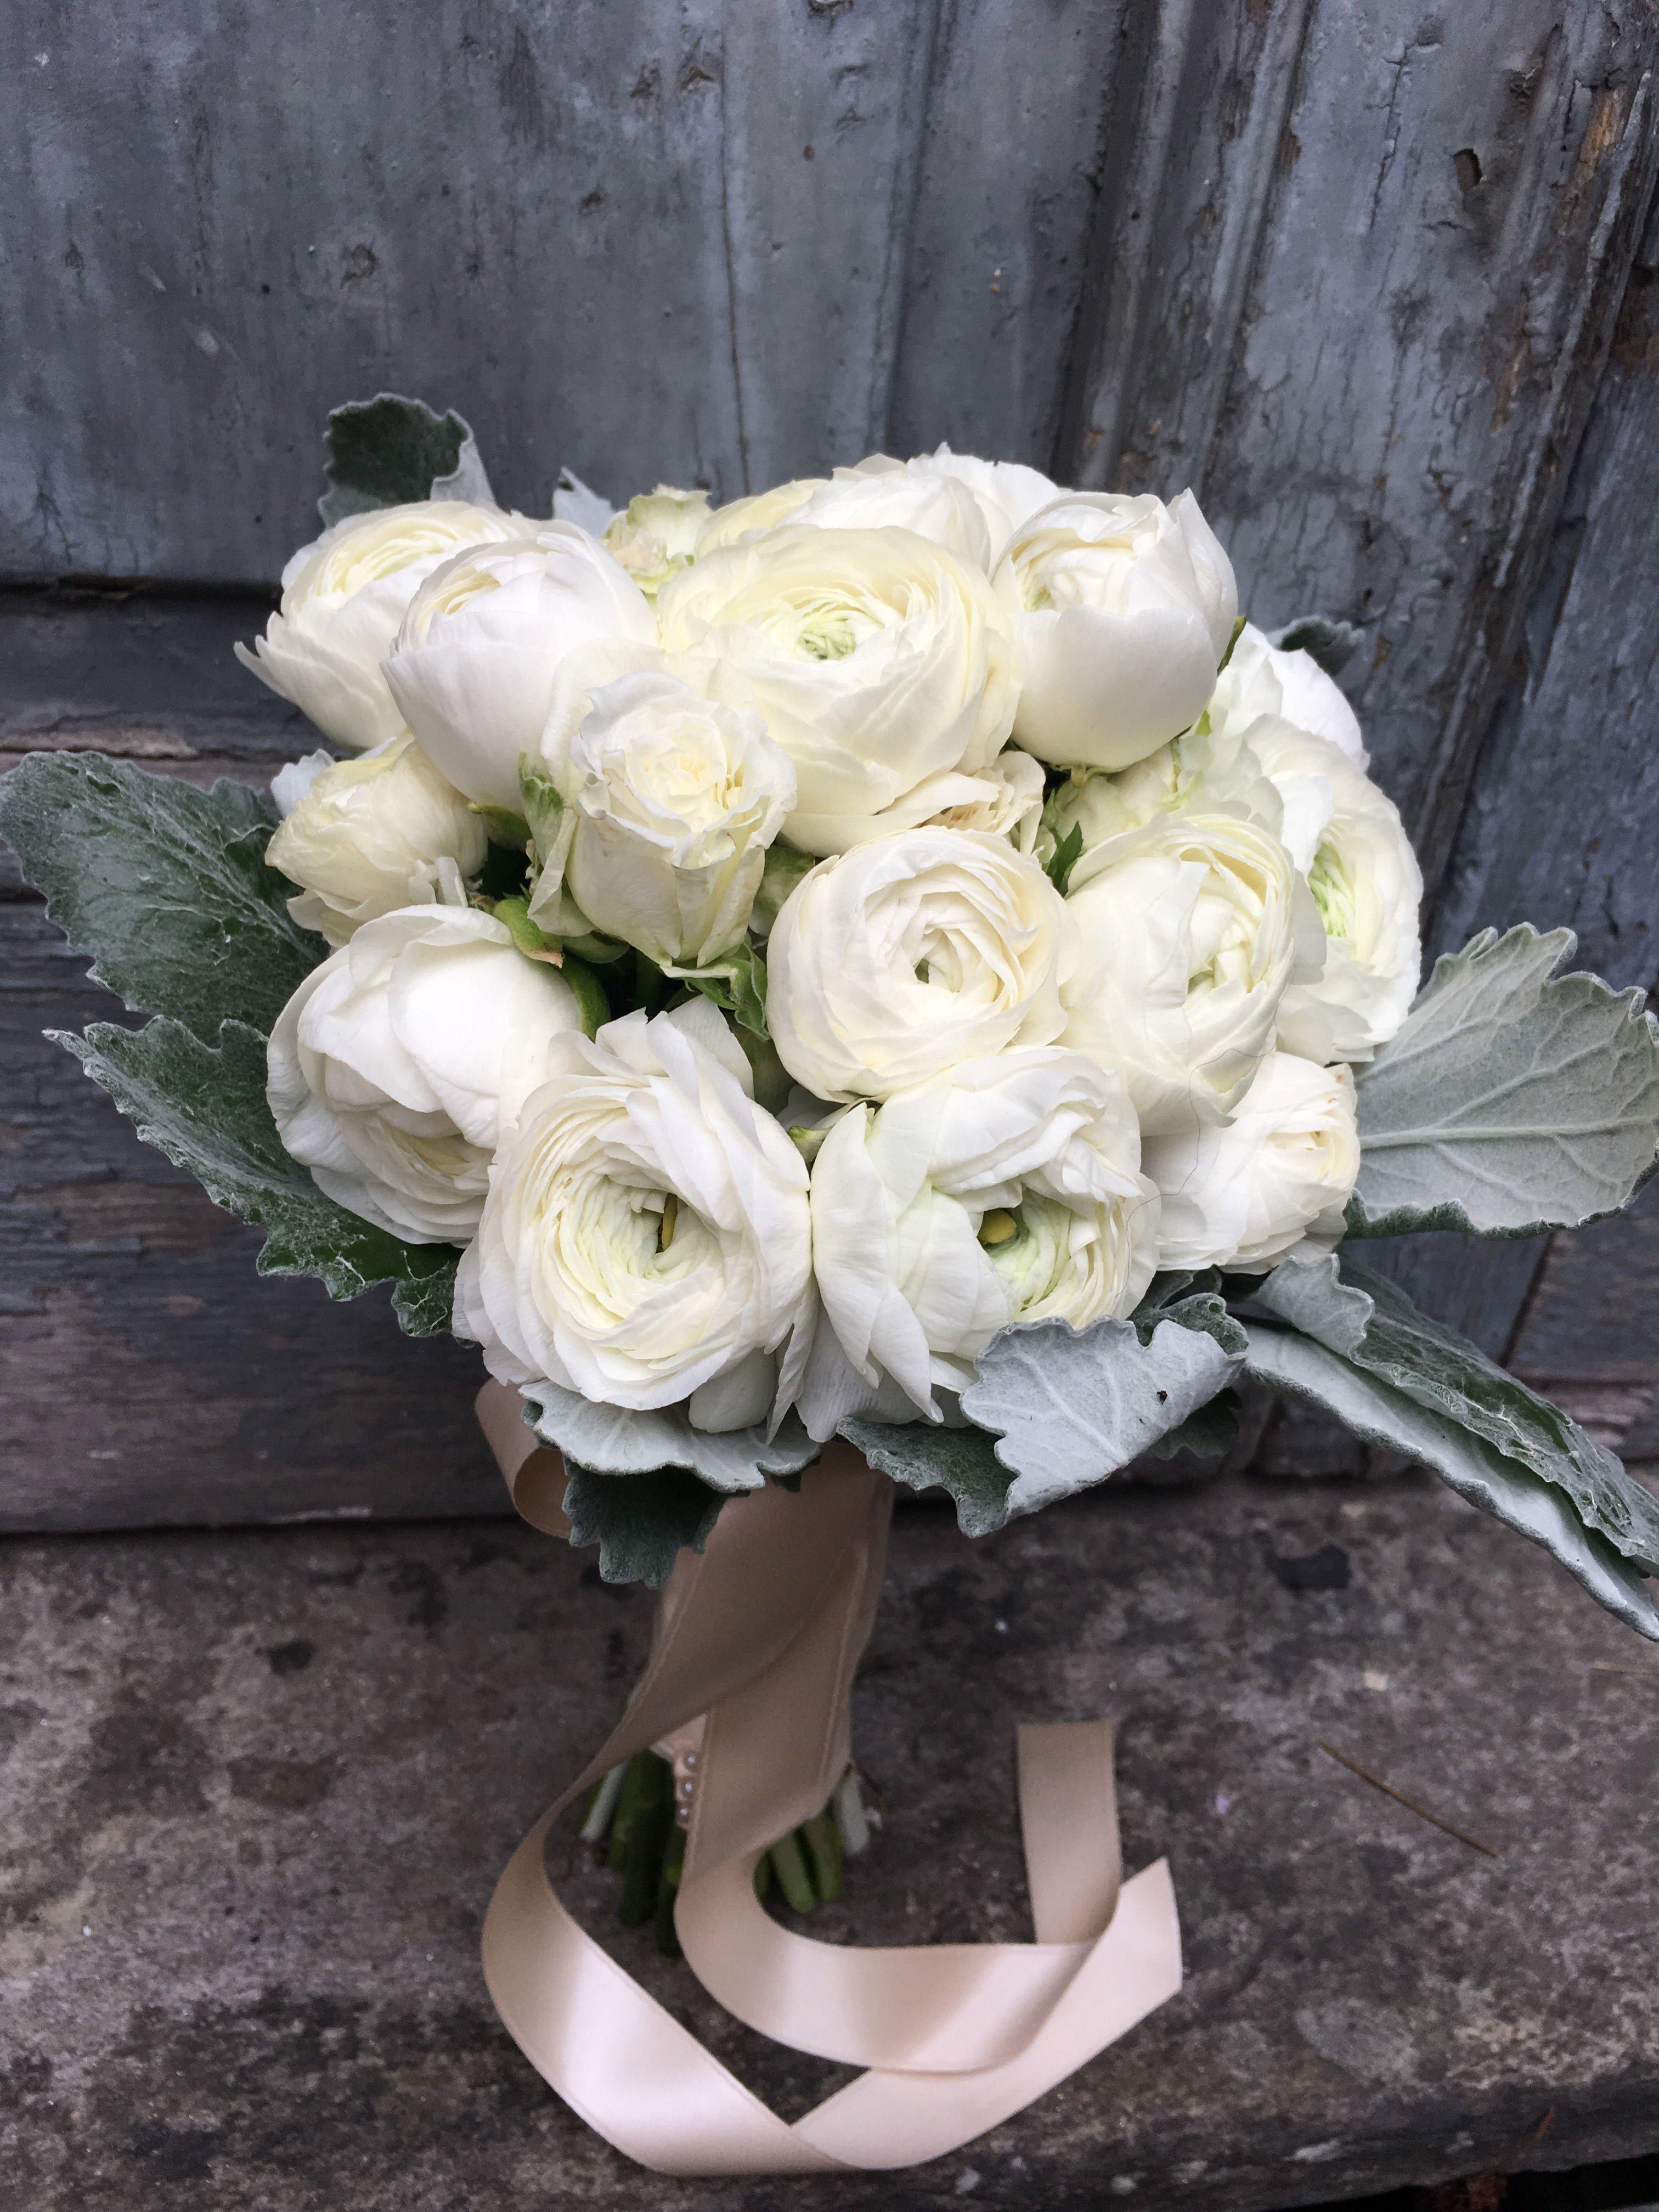 Bouquet Sposa Roma.Bouquet Da Sposa Con Ranuncoli Bianchi Per Matrimoni Invernali